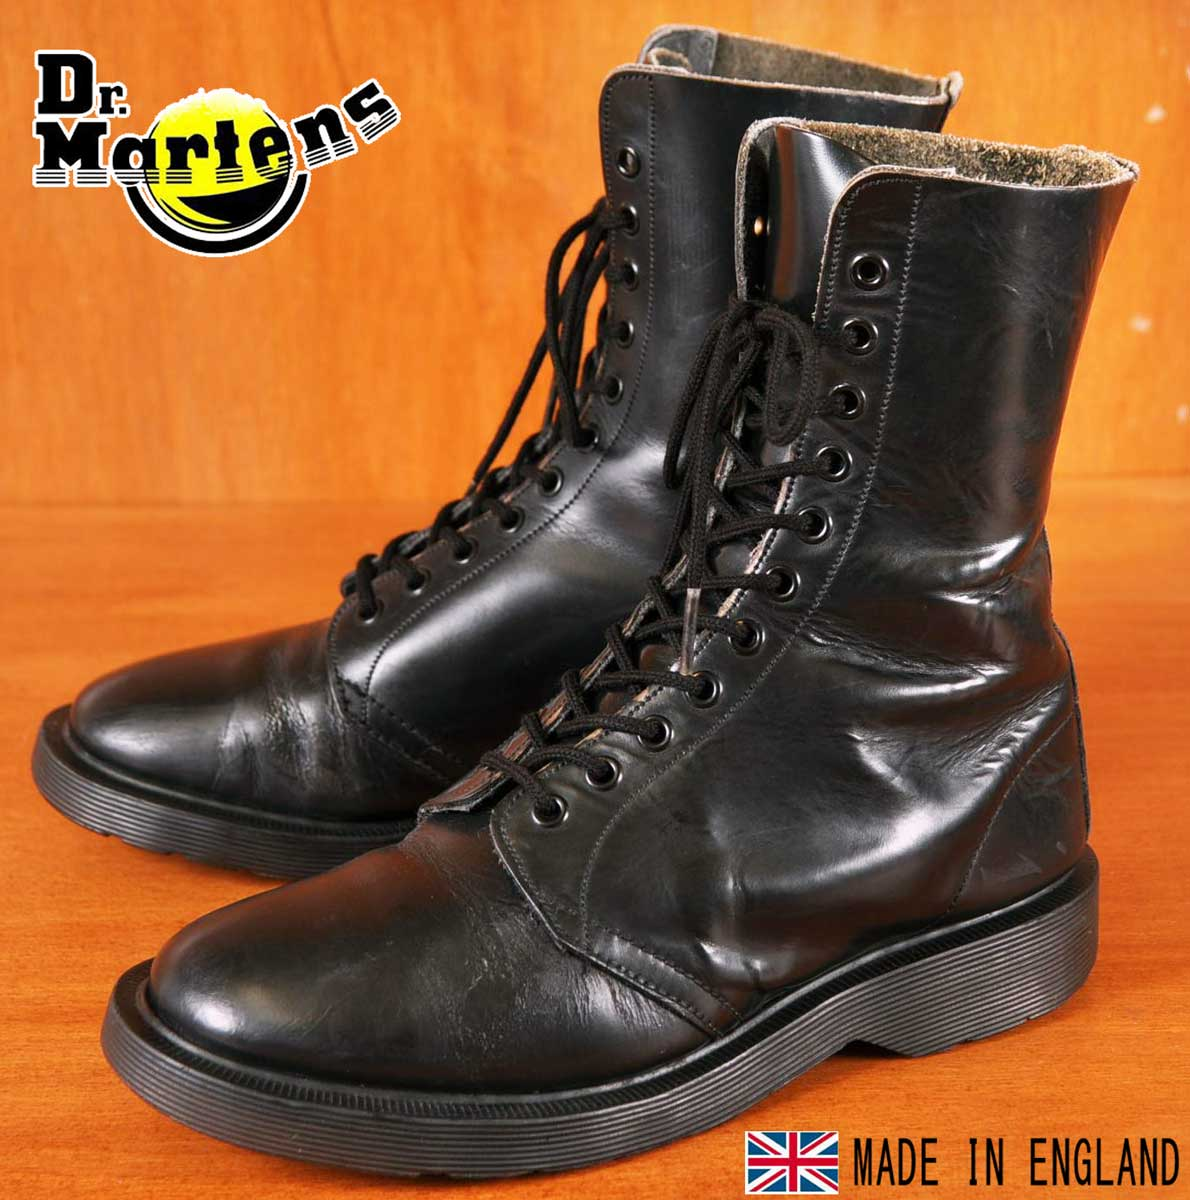 イングランド製 ヴィンテージ ホワイト社製 Dr.martens ドクターマーチン 11ホールブーツ ブラック レザー UK4 JPN23.0cm【中古】▼